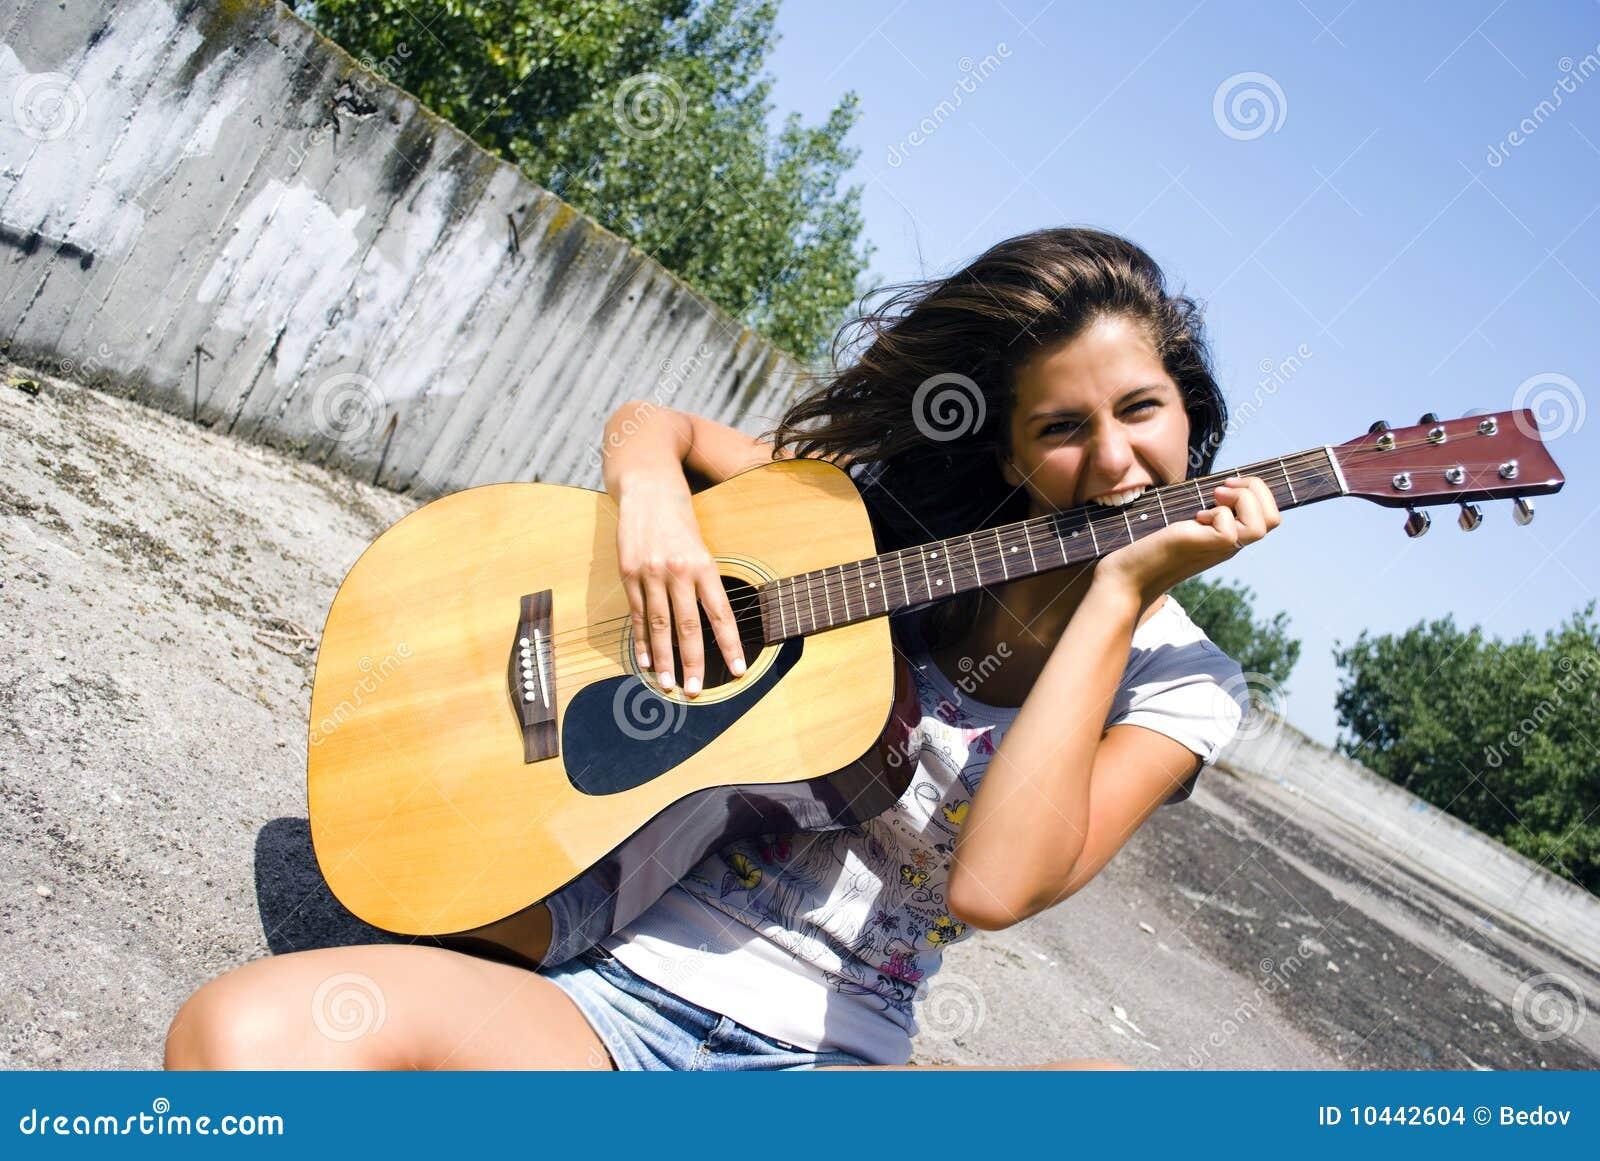 Mädchen beißt Gitarre